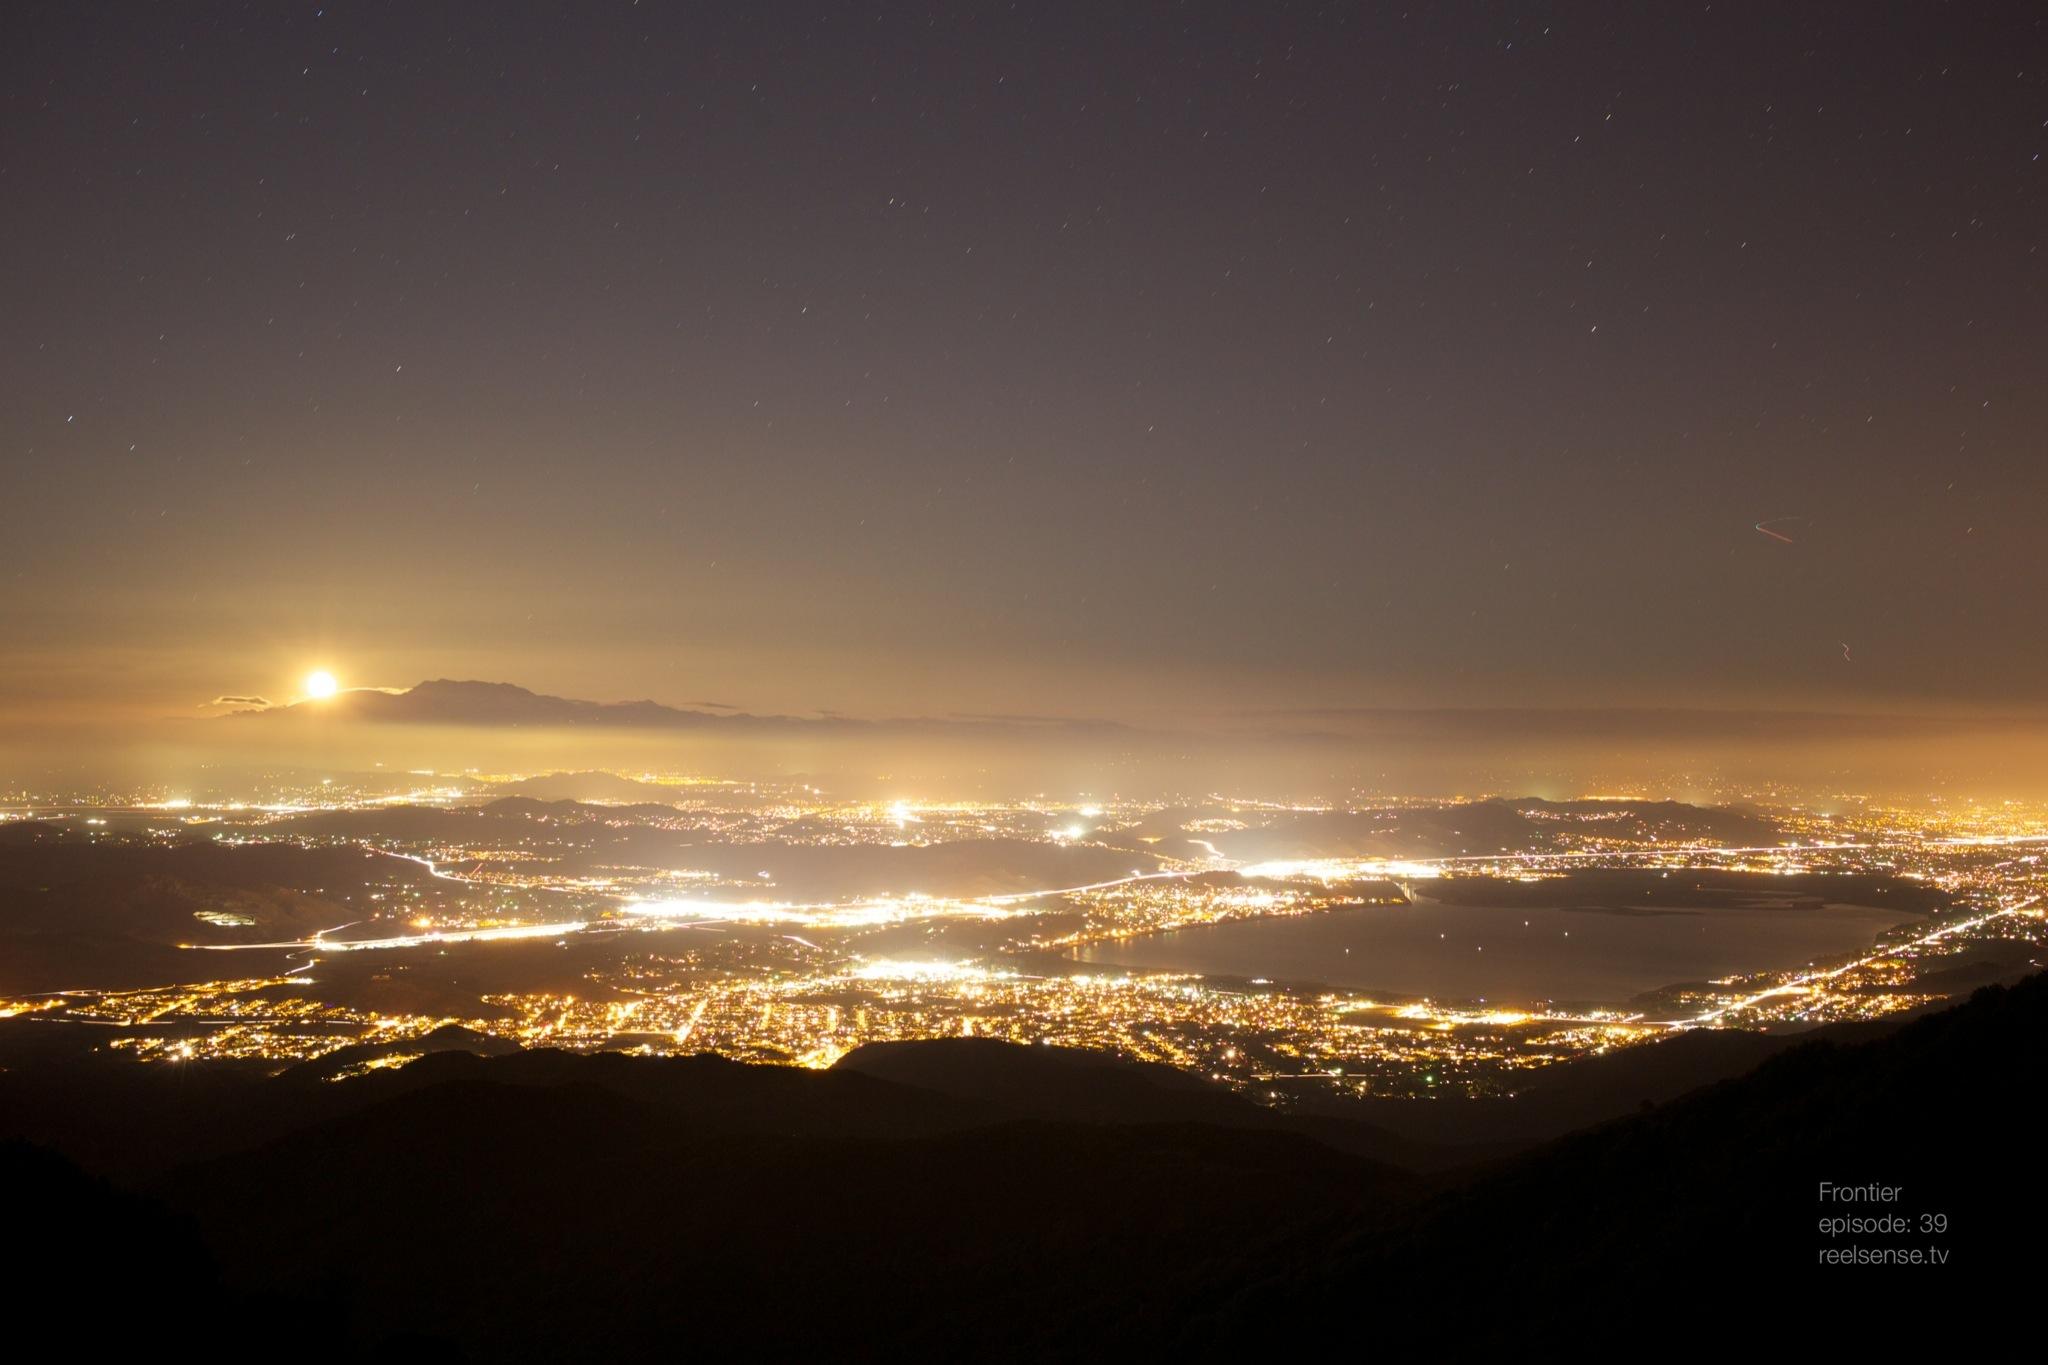 Lake Elsinore, CA - Moonlit city glow